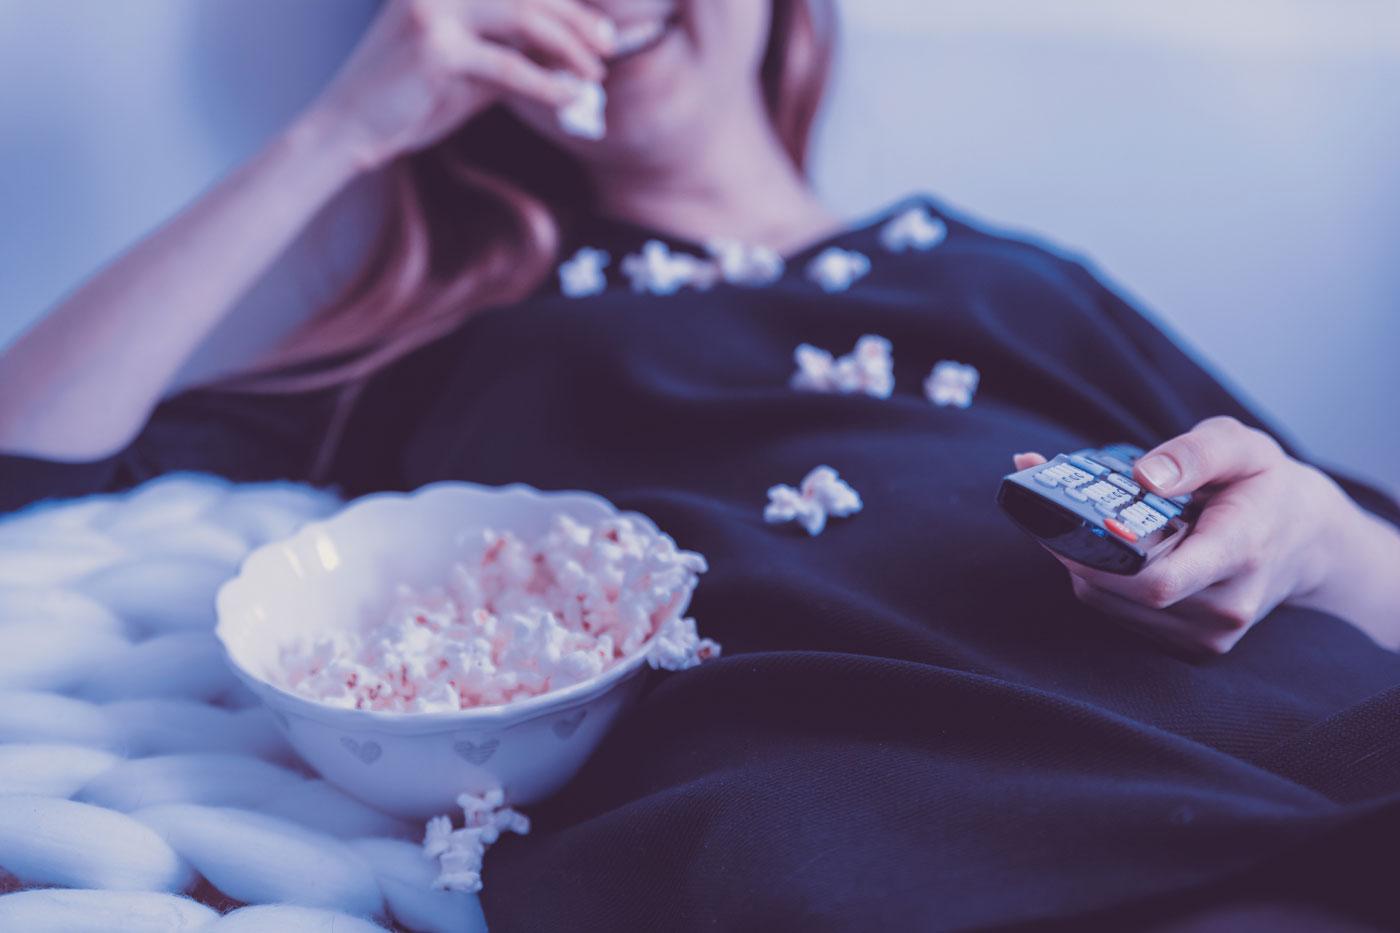 Kobieta w dobrym humorze zajada popcorn i ogląda telewizję.